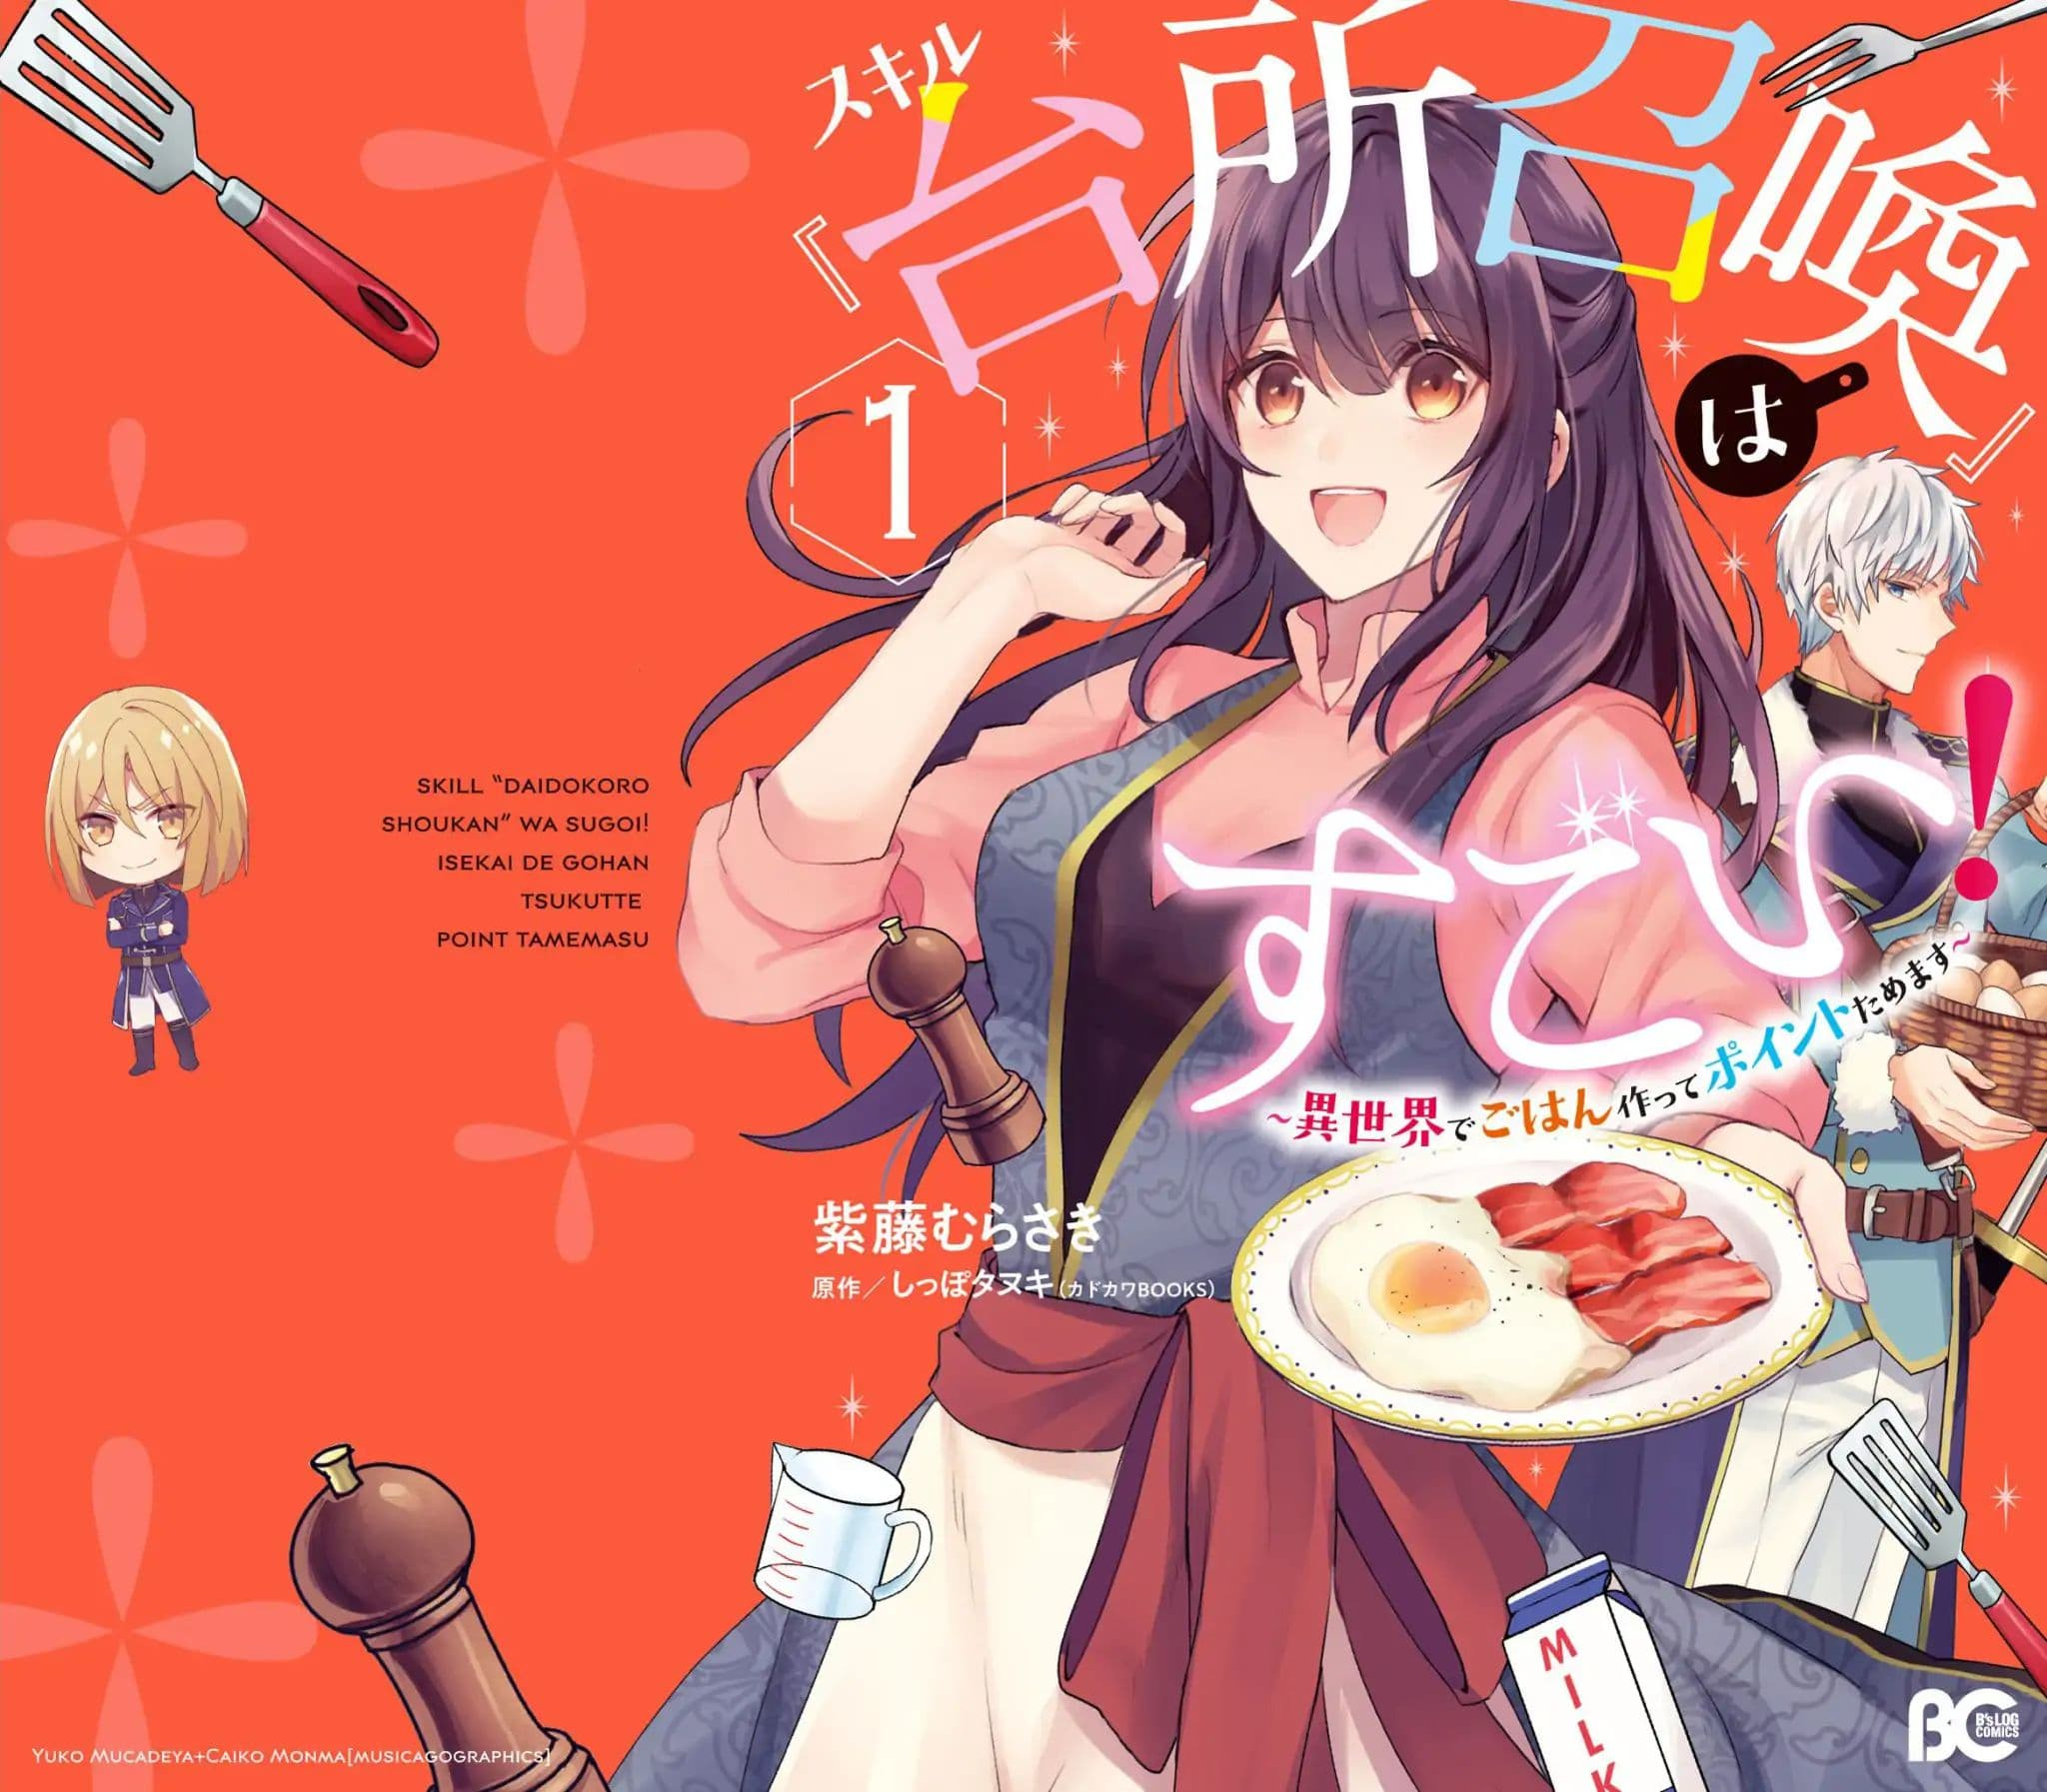 อ่านการ์ตูน Skill Daidokoro Shoukan wa Sugoi! Isekai de Gohan Tsukutte Point Tamemasu ตอนที่ 3 หน้าที่ 1